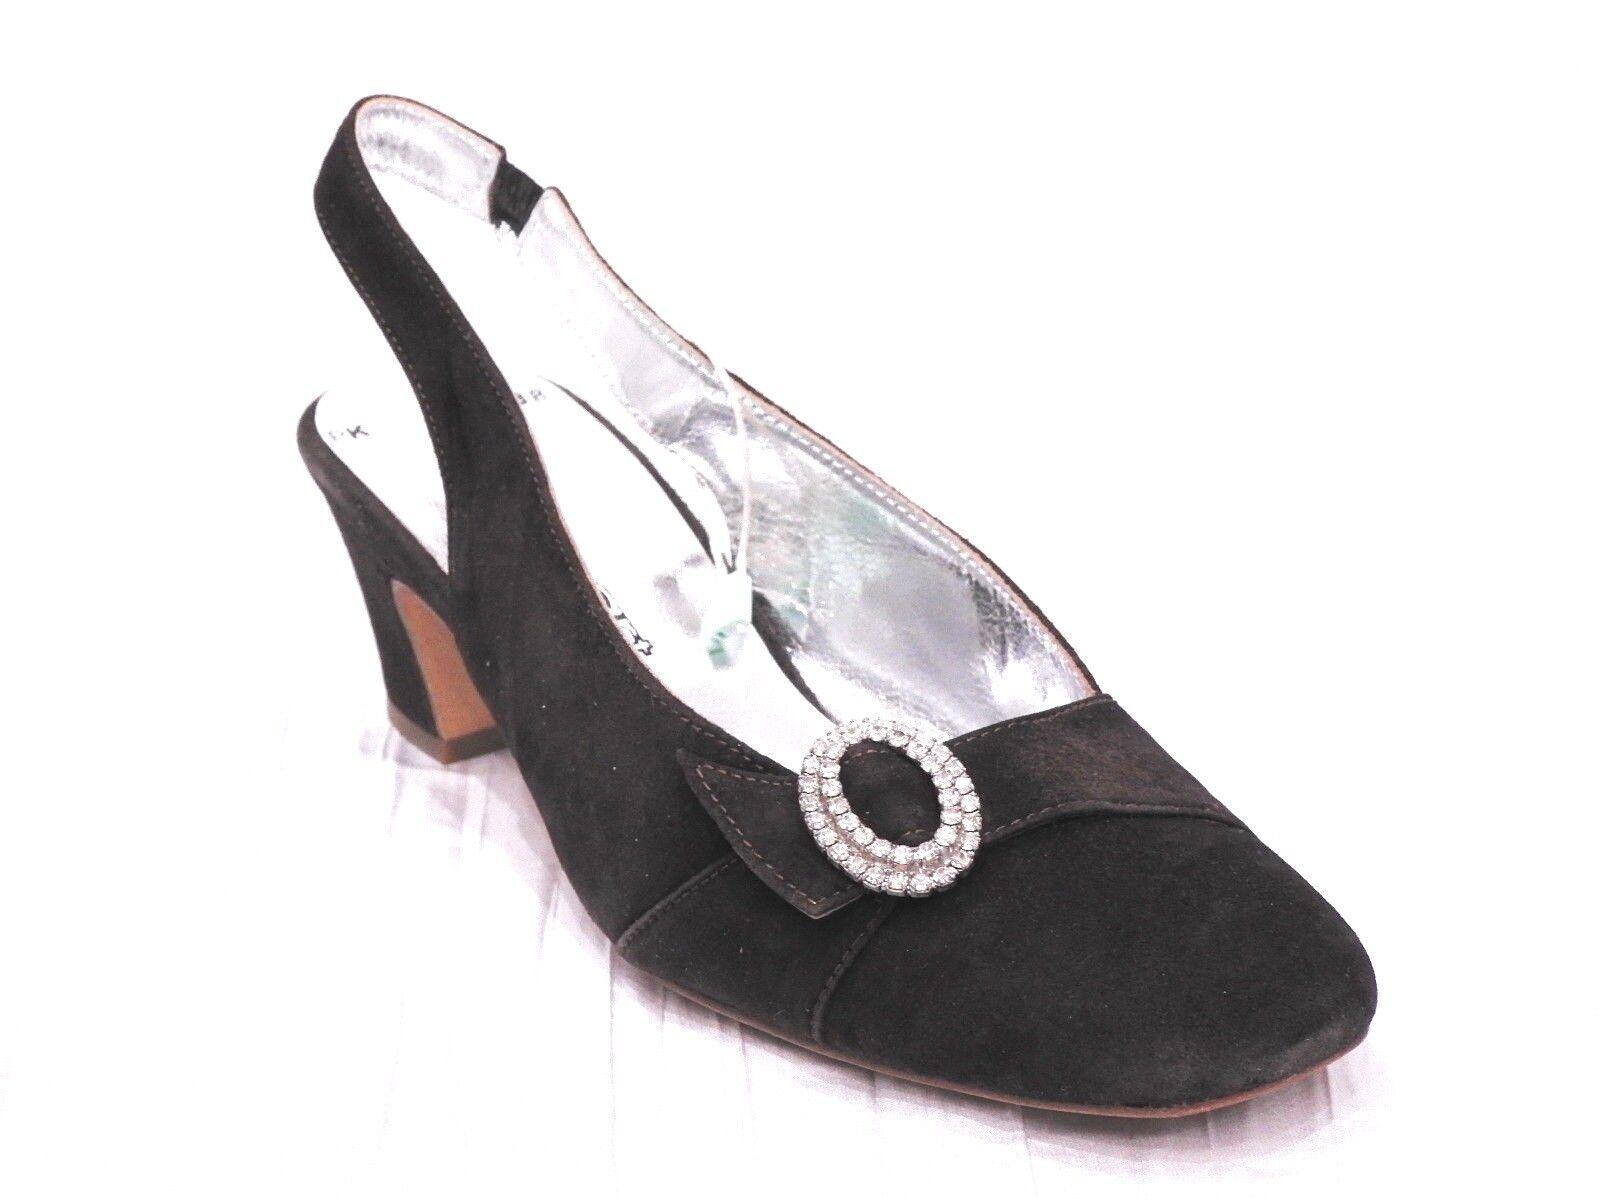 edizione limitata New Priv Art Marrone Suede Suede Suede LEATHER Crystal Buckle Pumps Heels 38 7.5 Made in ITALY  economico e di alta qualità